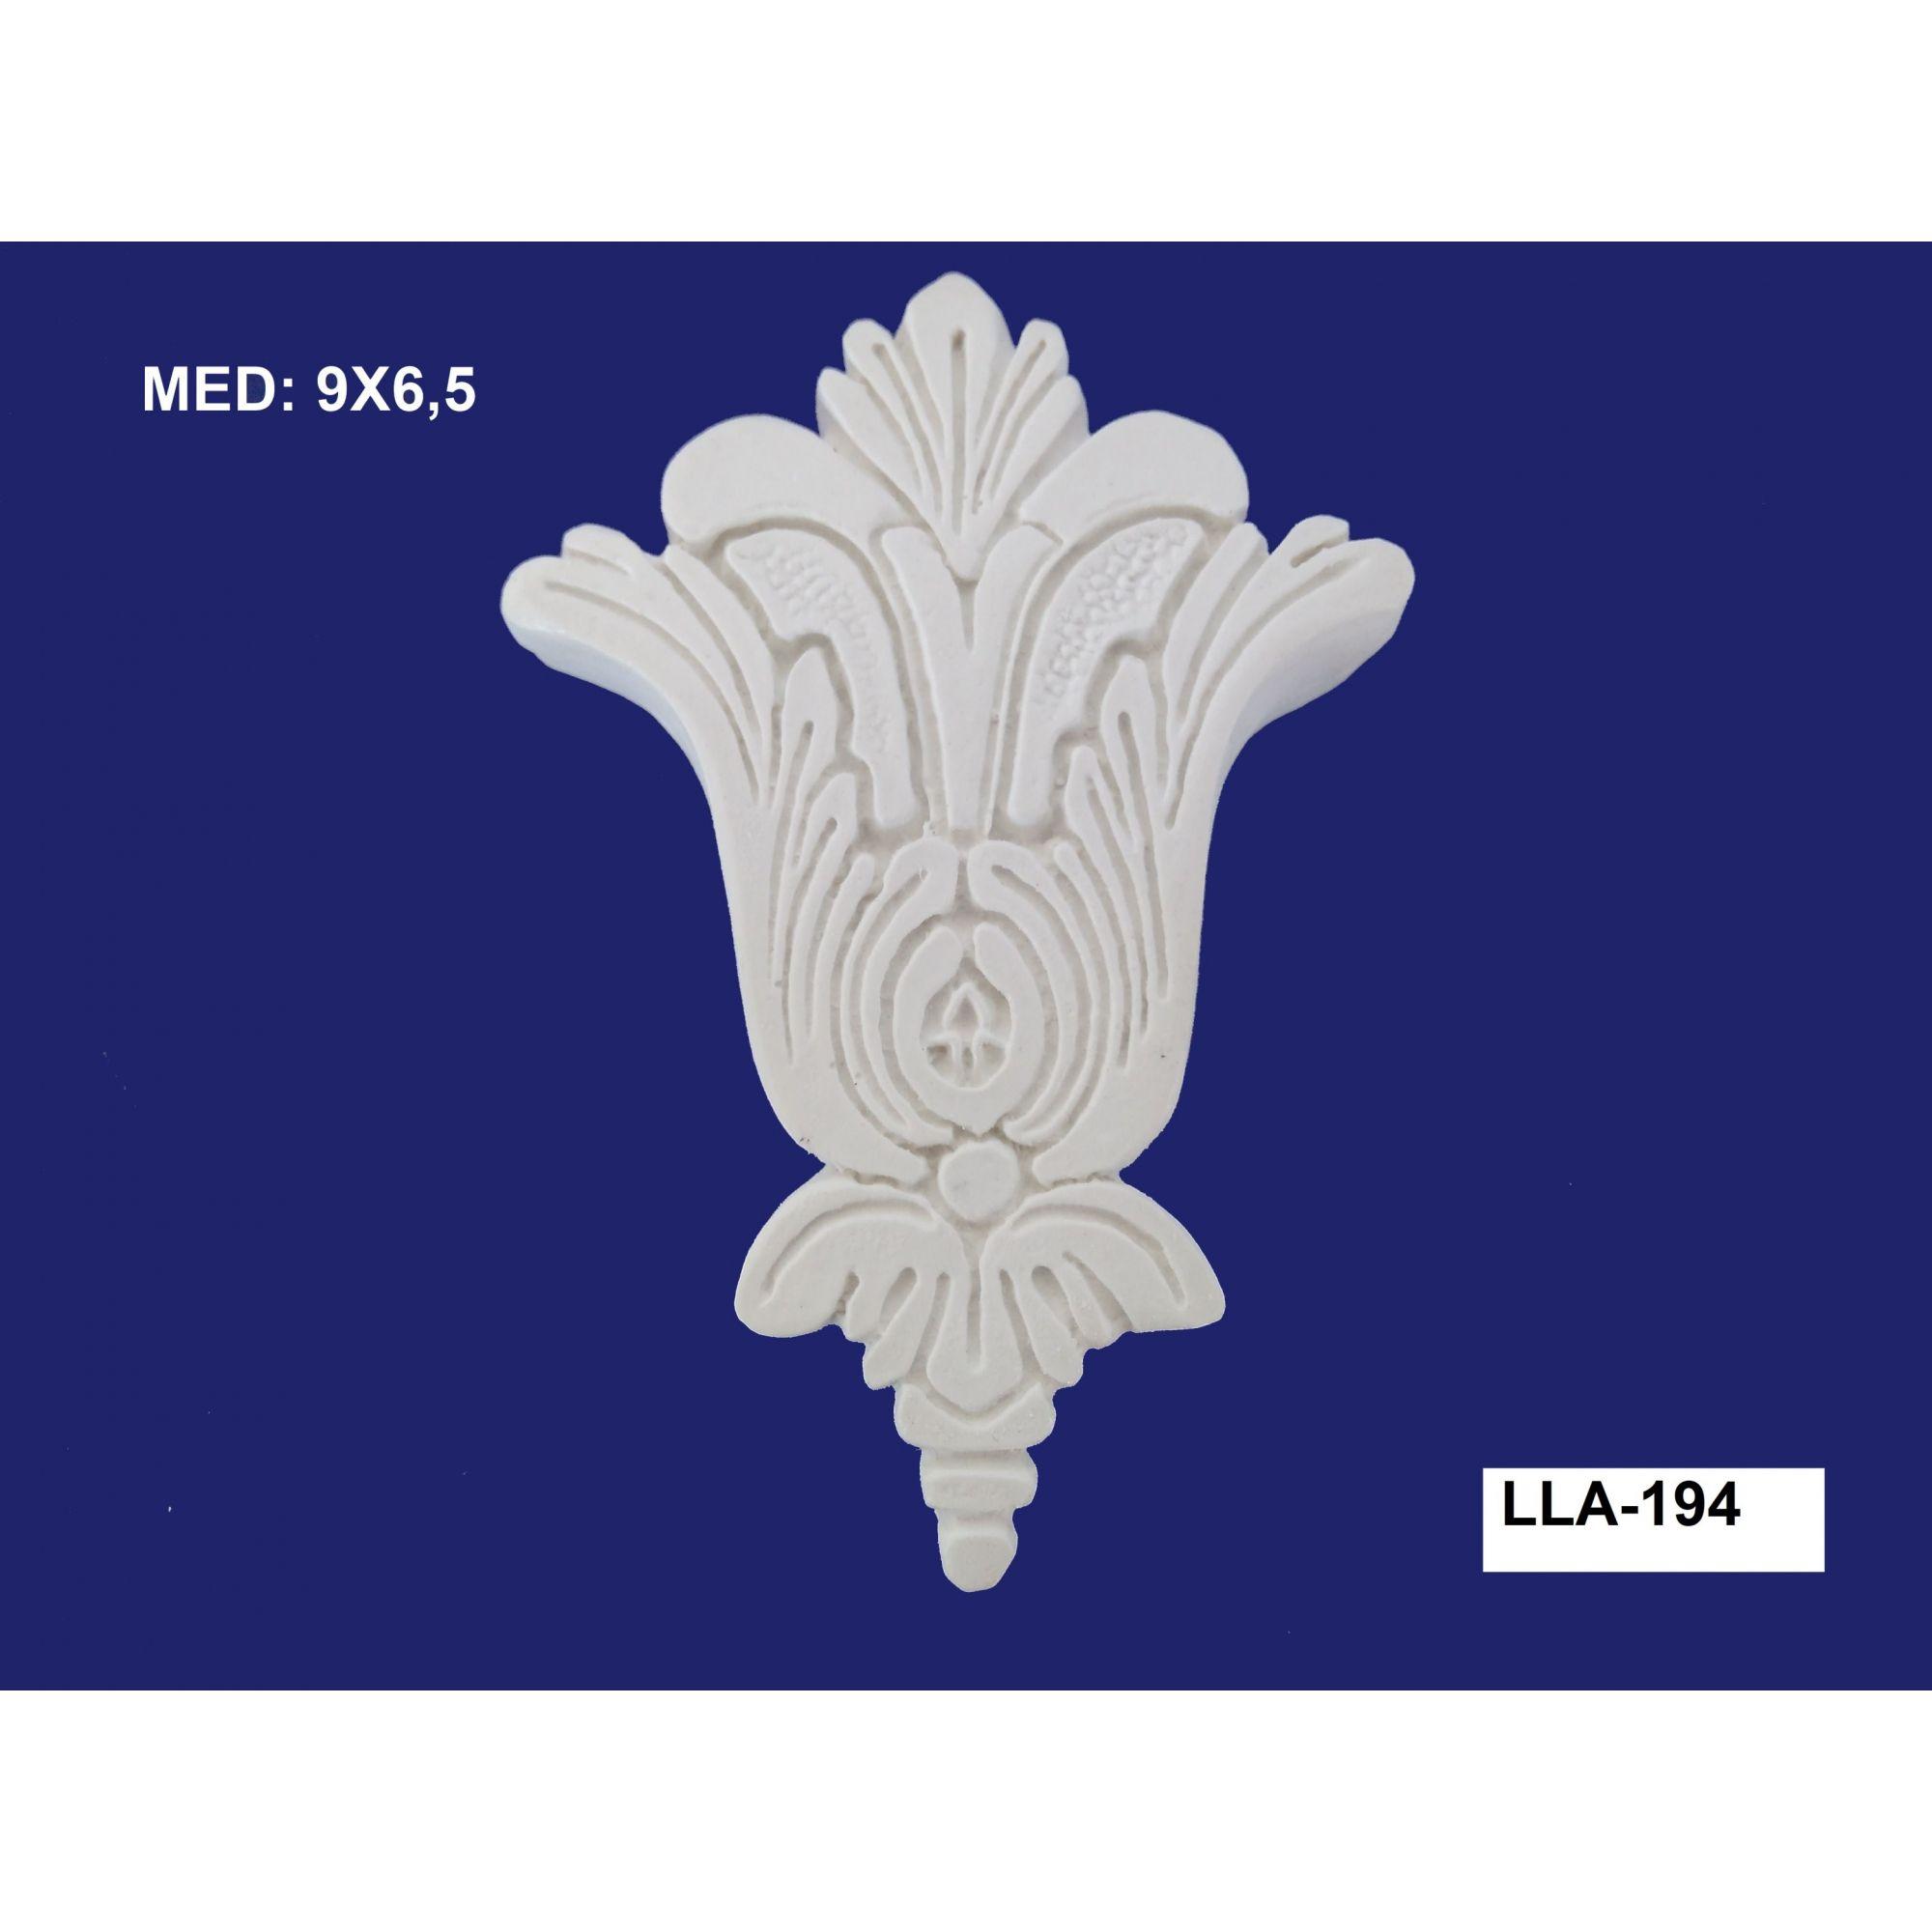 APLIQUE LLA-194 09X6,5CM